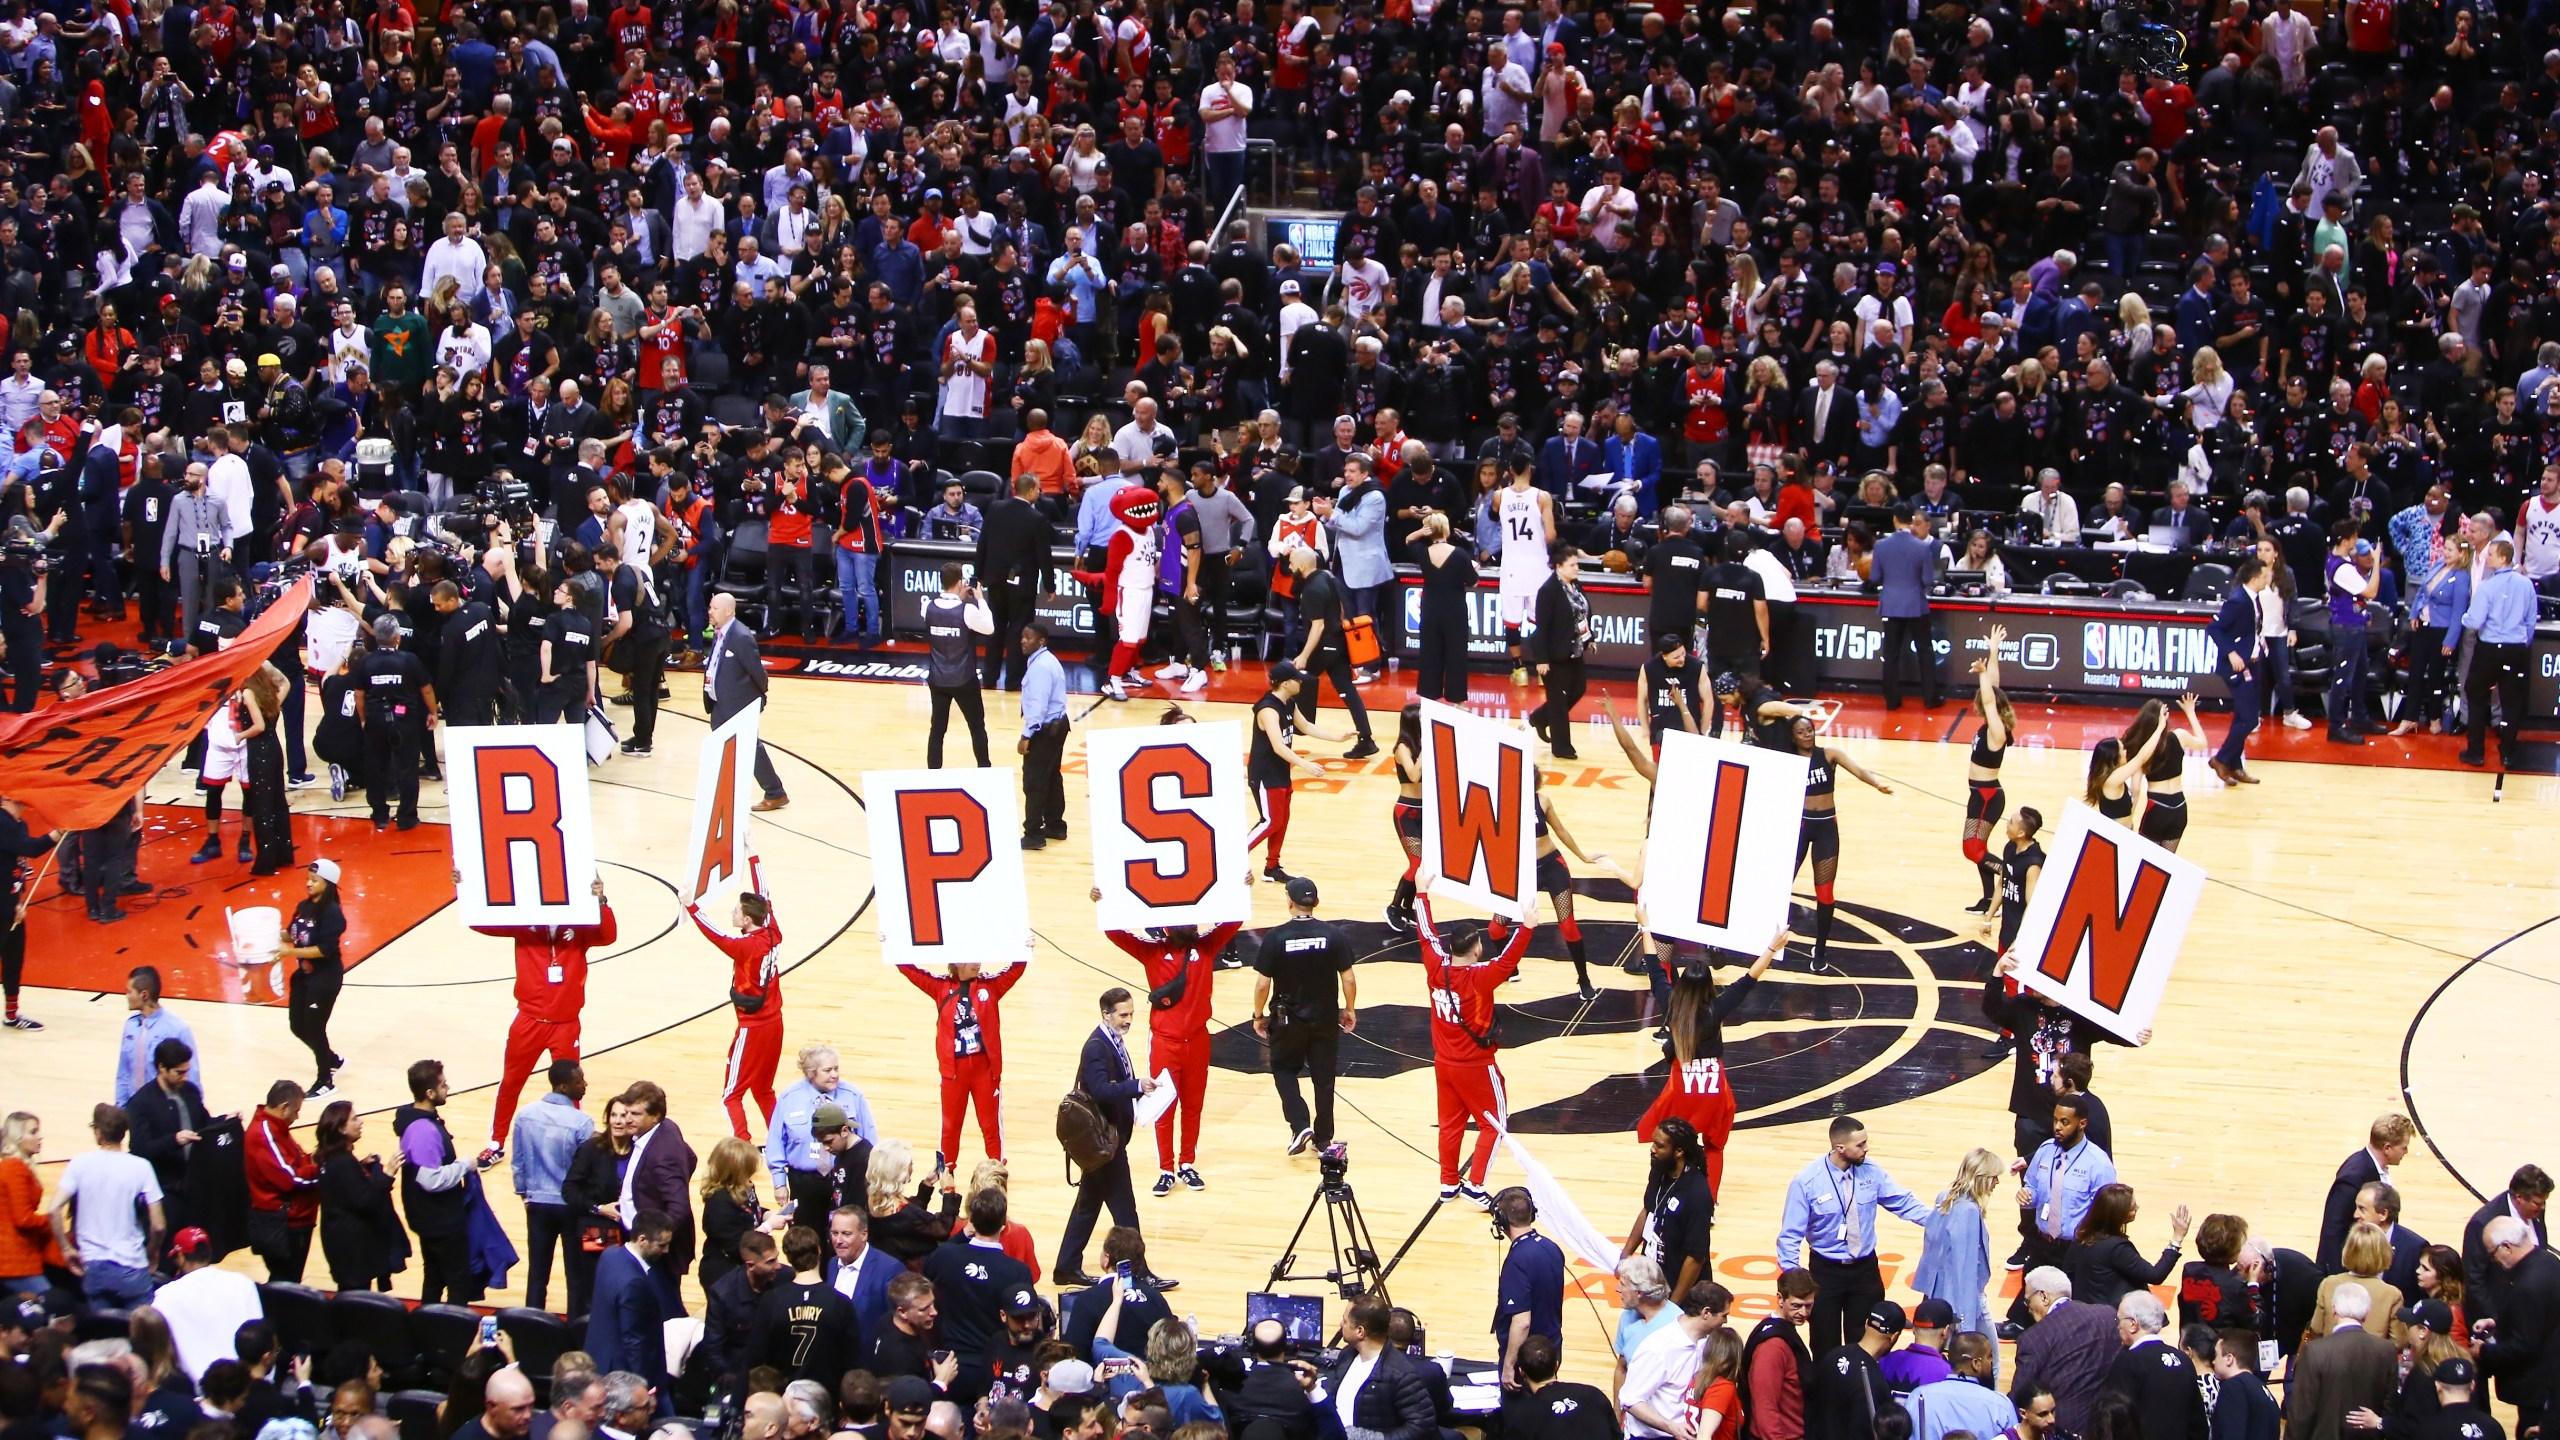 Raptors NBA Finals gm 1